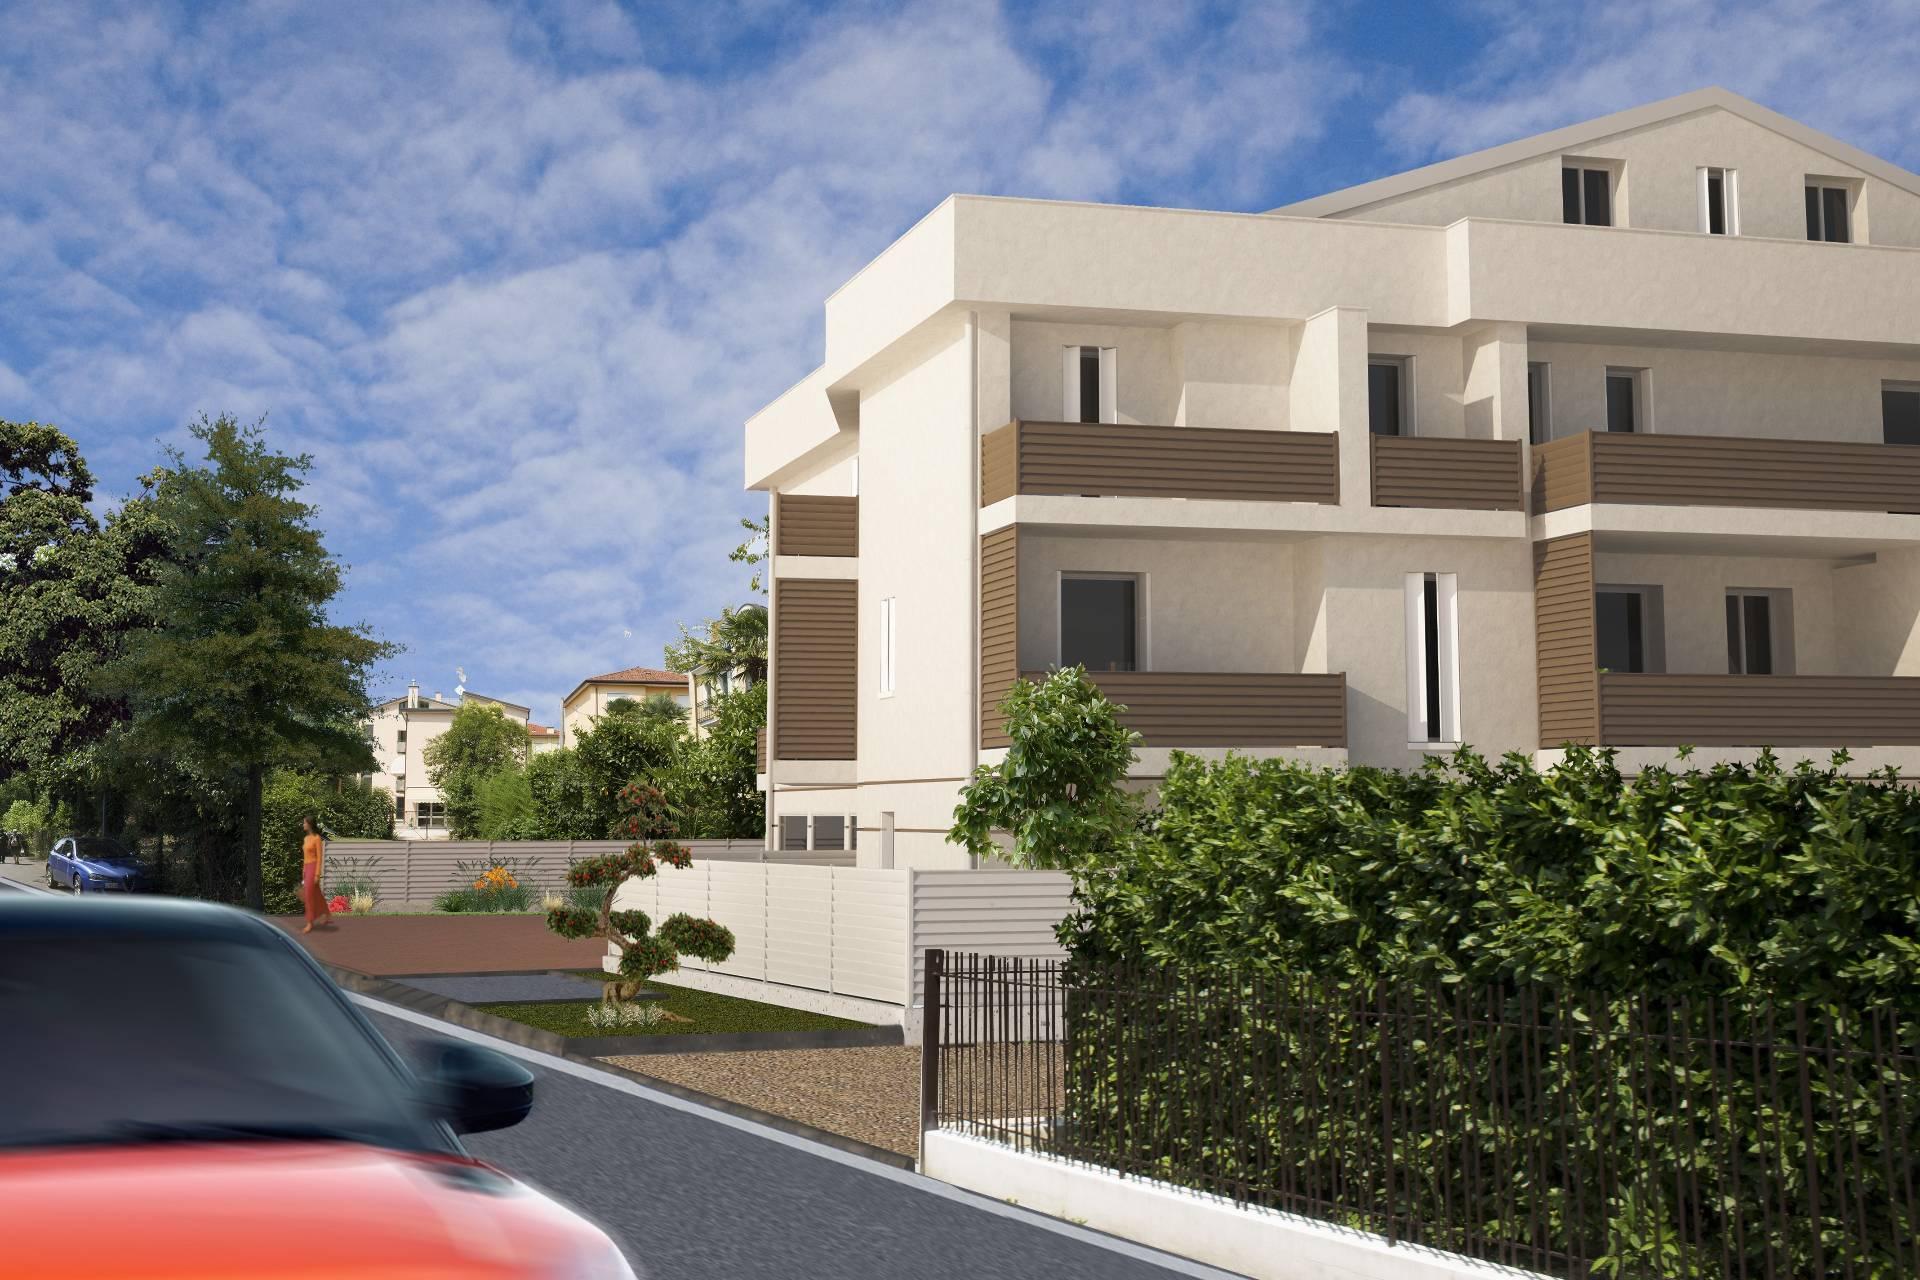 Appartamento in vendita a Spinea, 7 locali, prezzo € 250.000 | CambioCasa.it